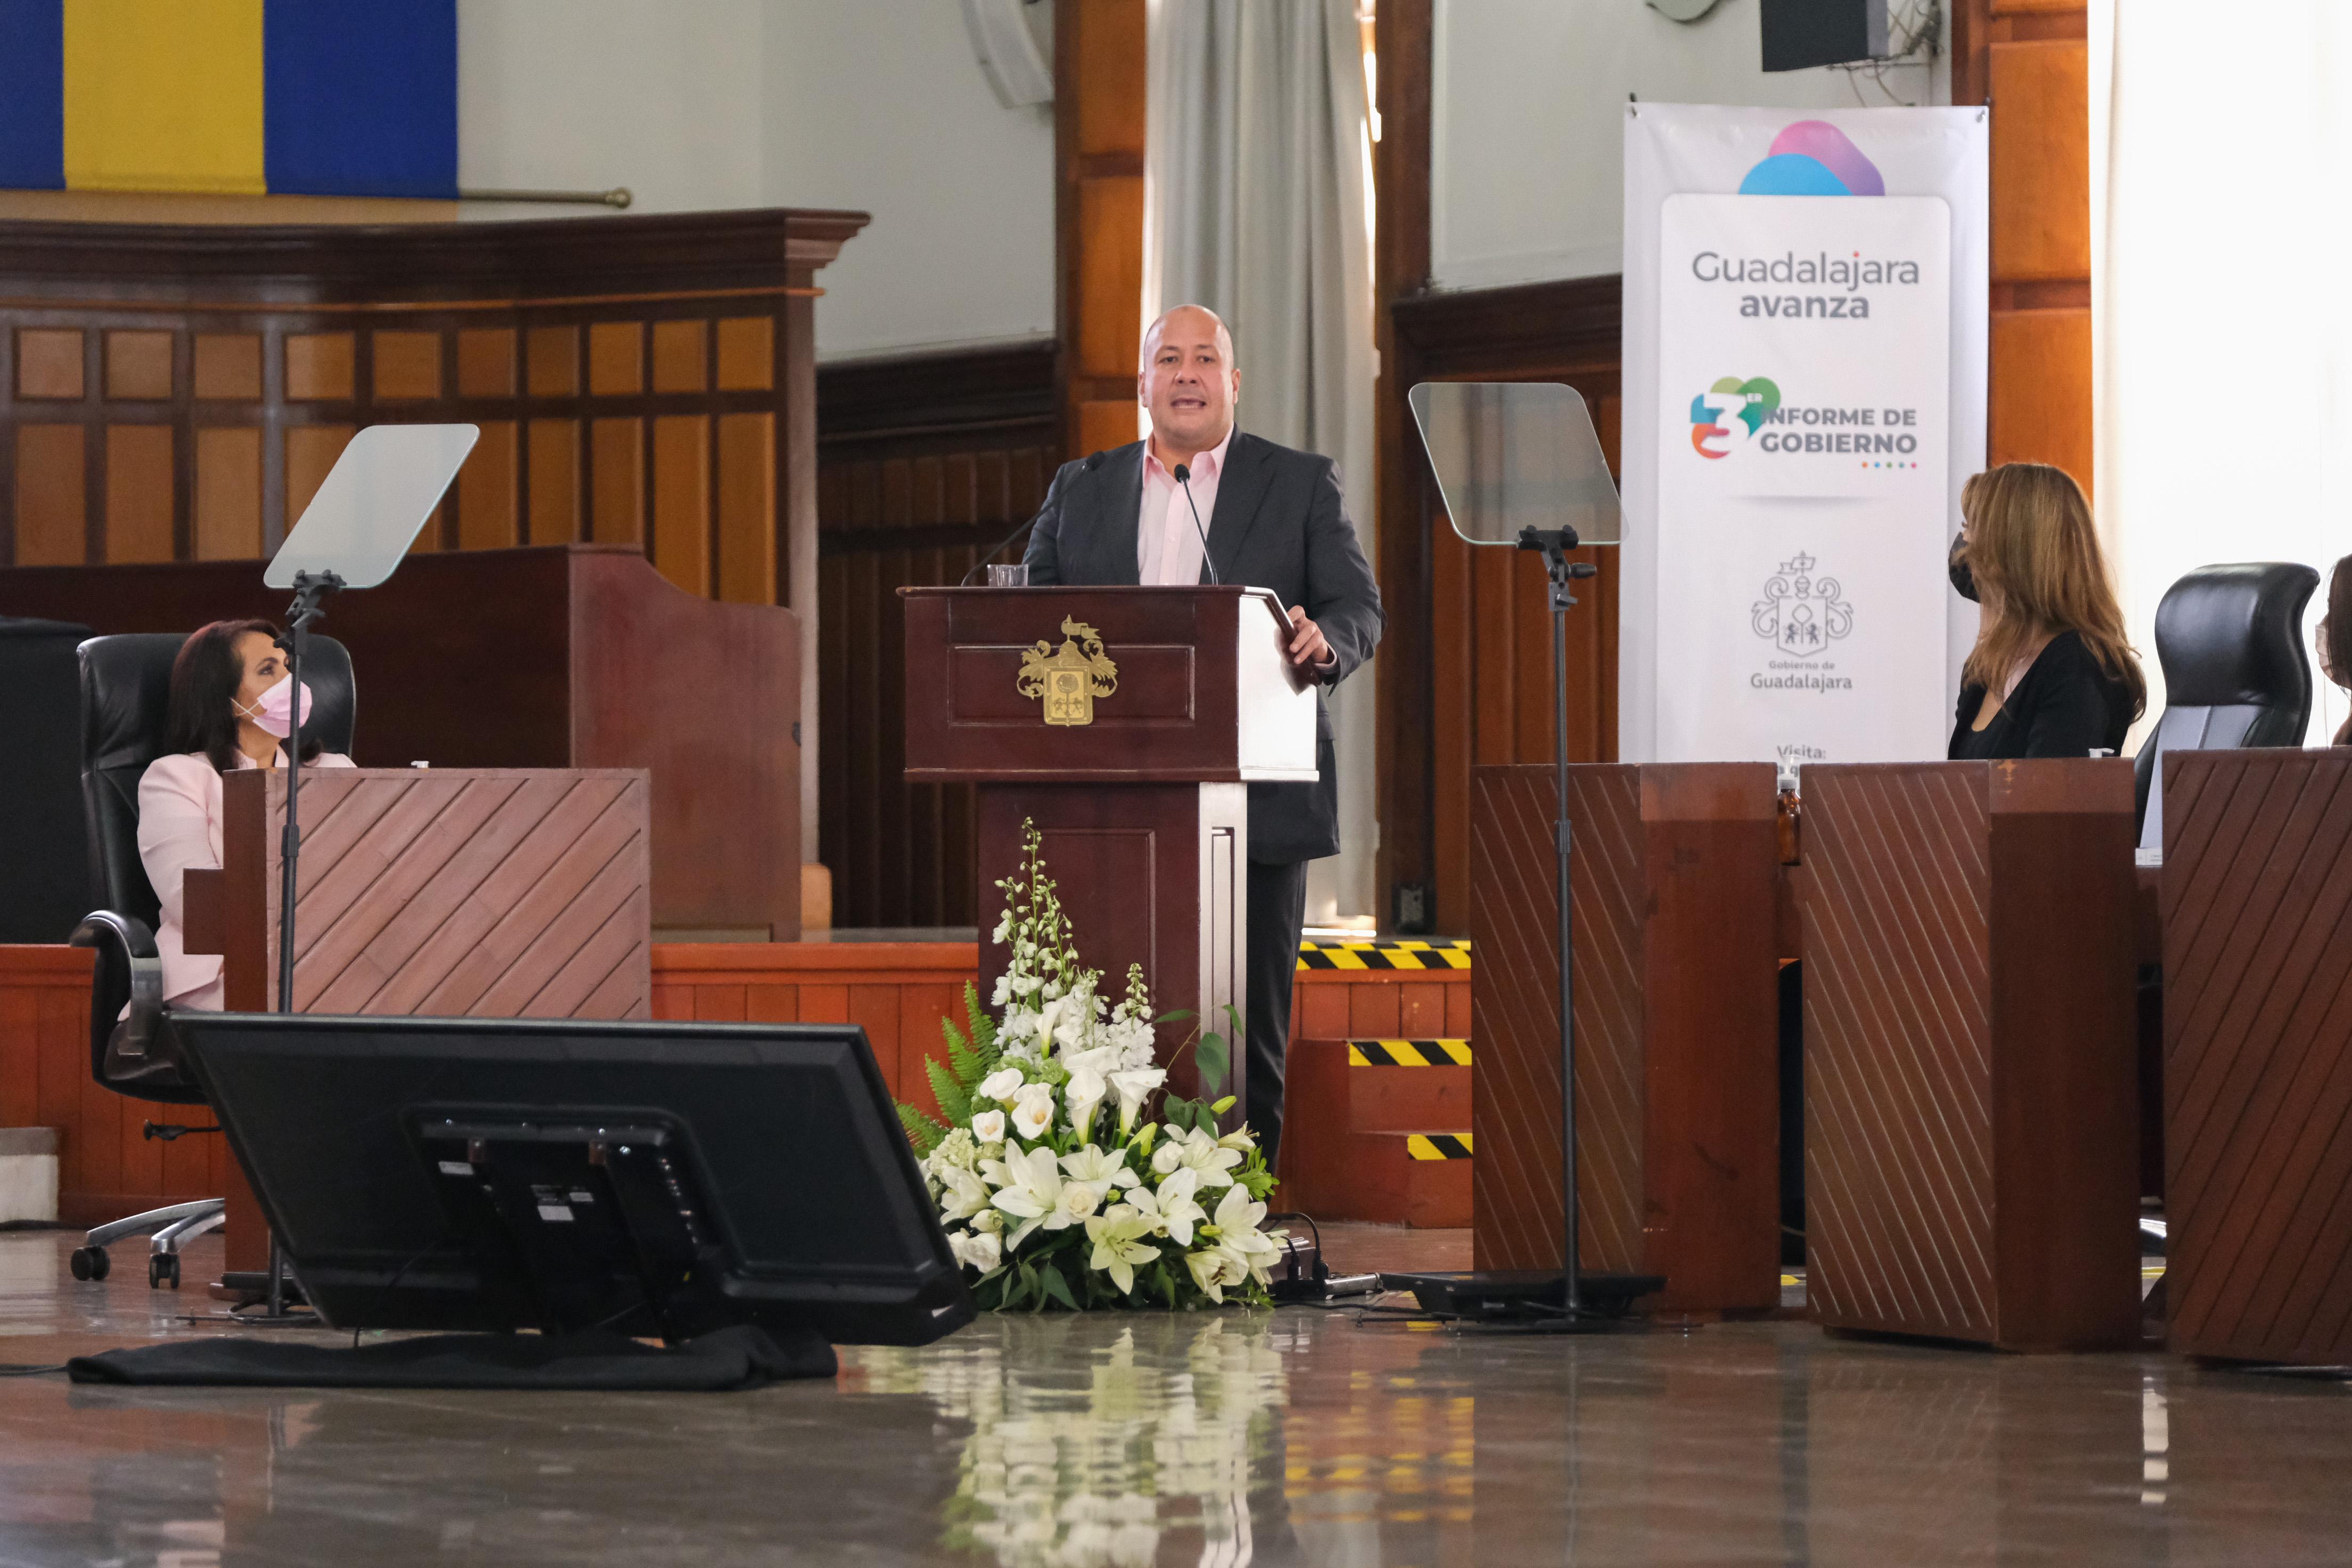 Asiste Enrique Alfaro al 3er informe de Gobierno de Guadalajara; afirma que la capital de Estado tiene rumbo y bases hacia el futuro